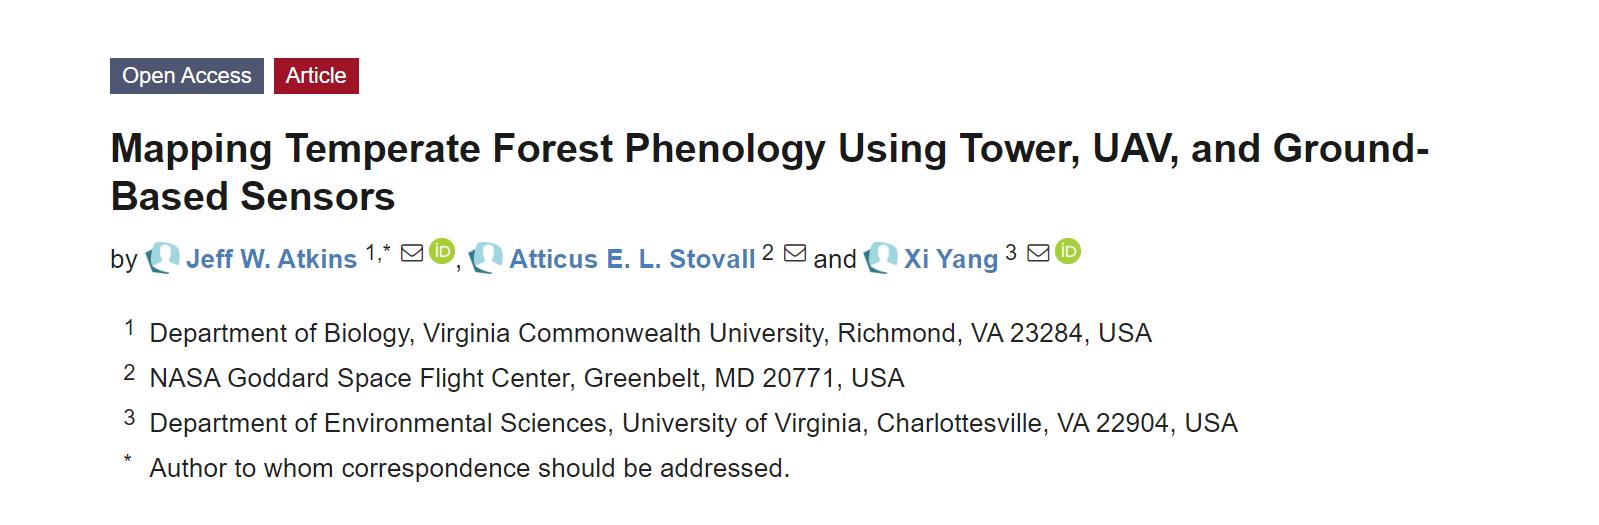 研究人员利用无人机和地面传感器绘制出温带森林物候图